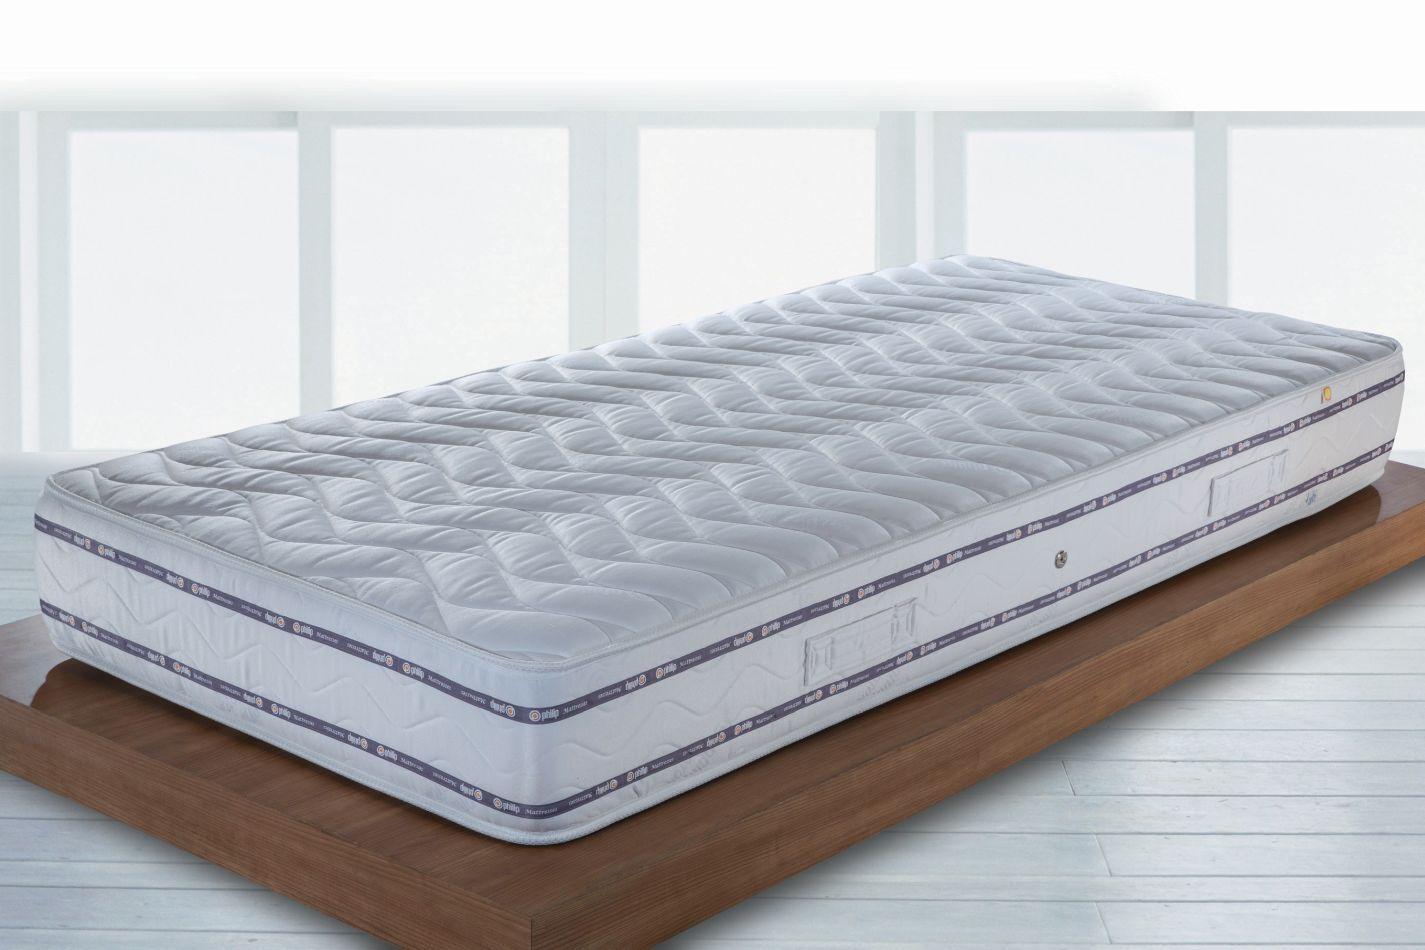 Matratze Elegance Relax mit Bonell Federkern - Abmessungen: 70 x 140 cm